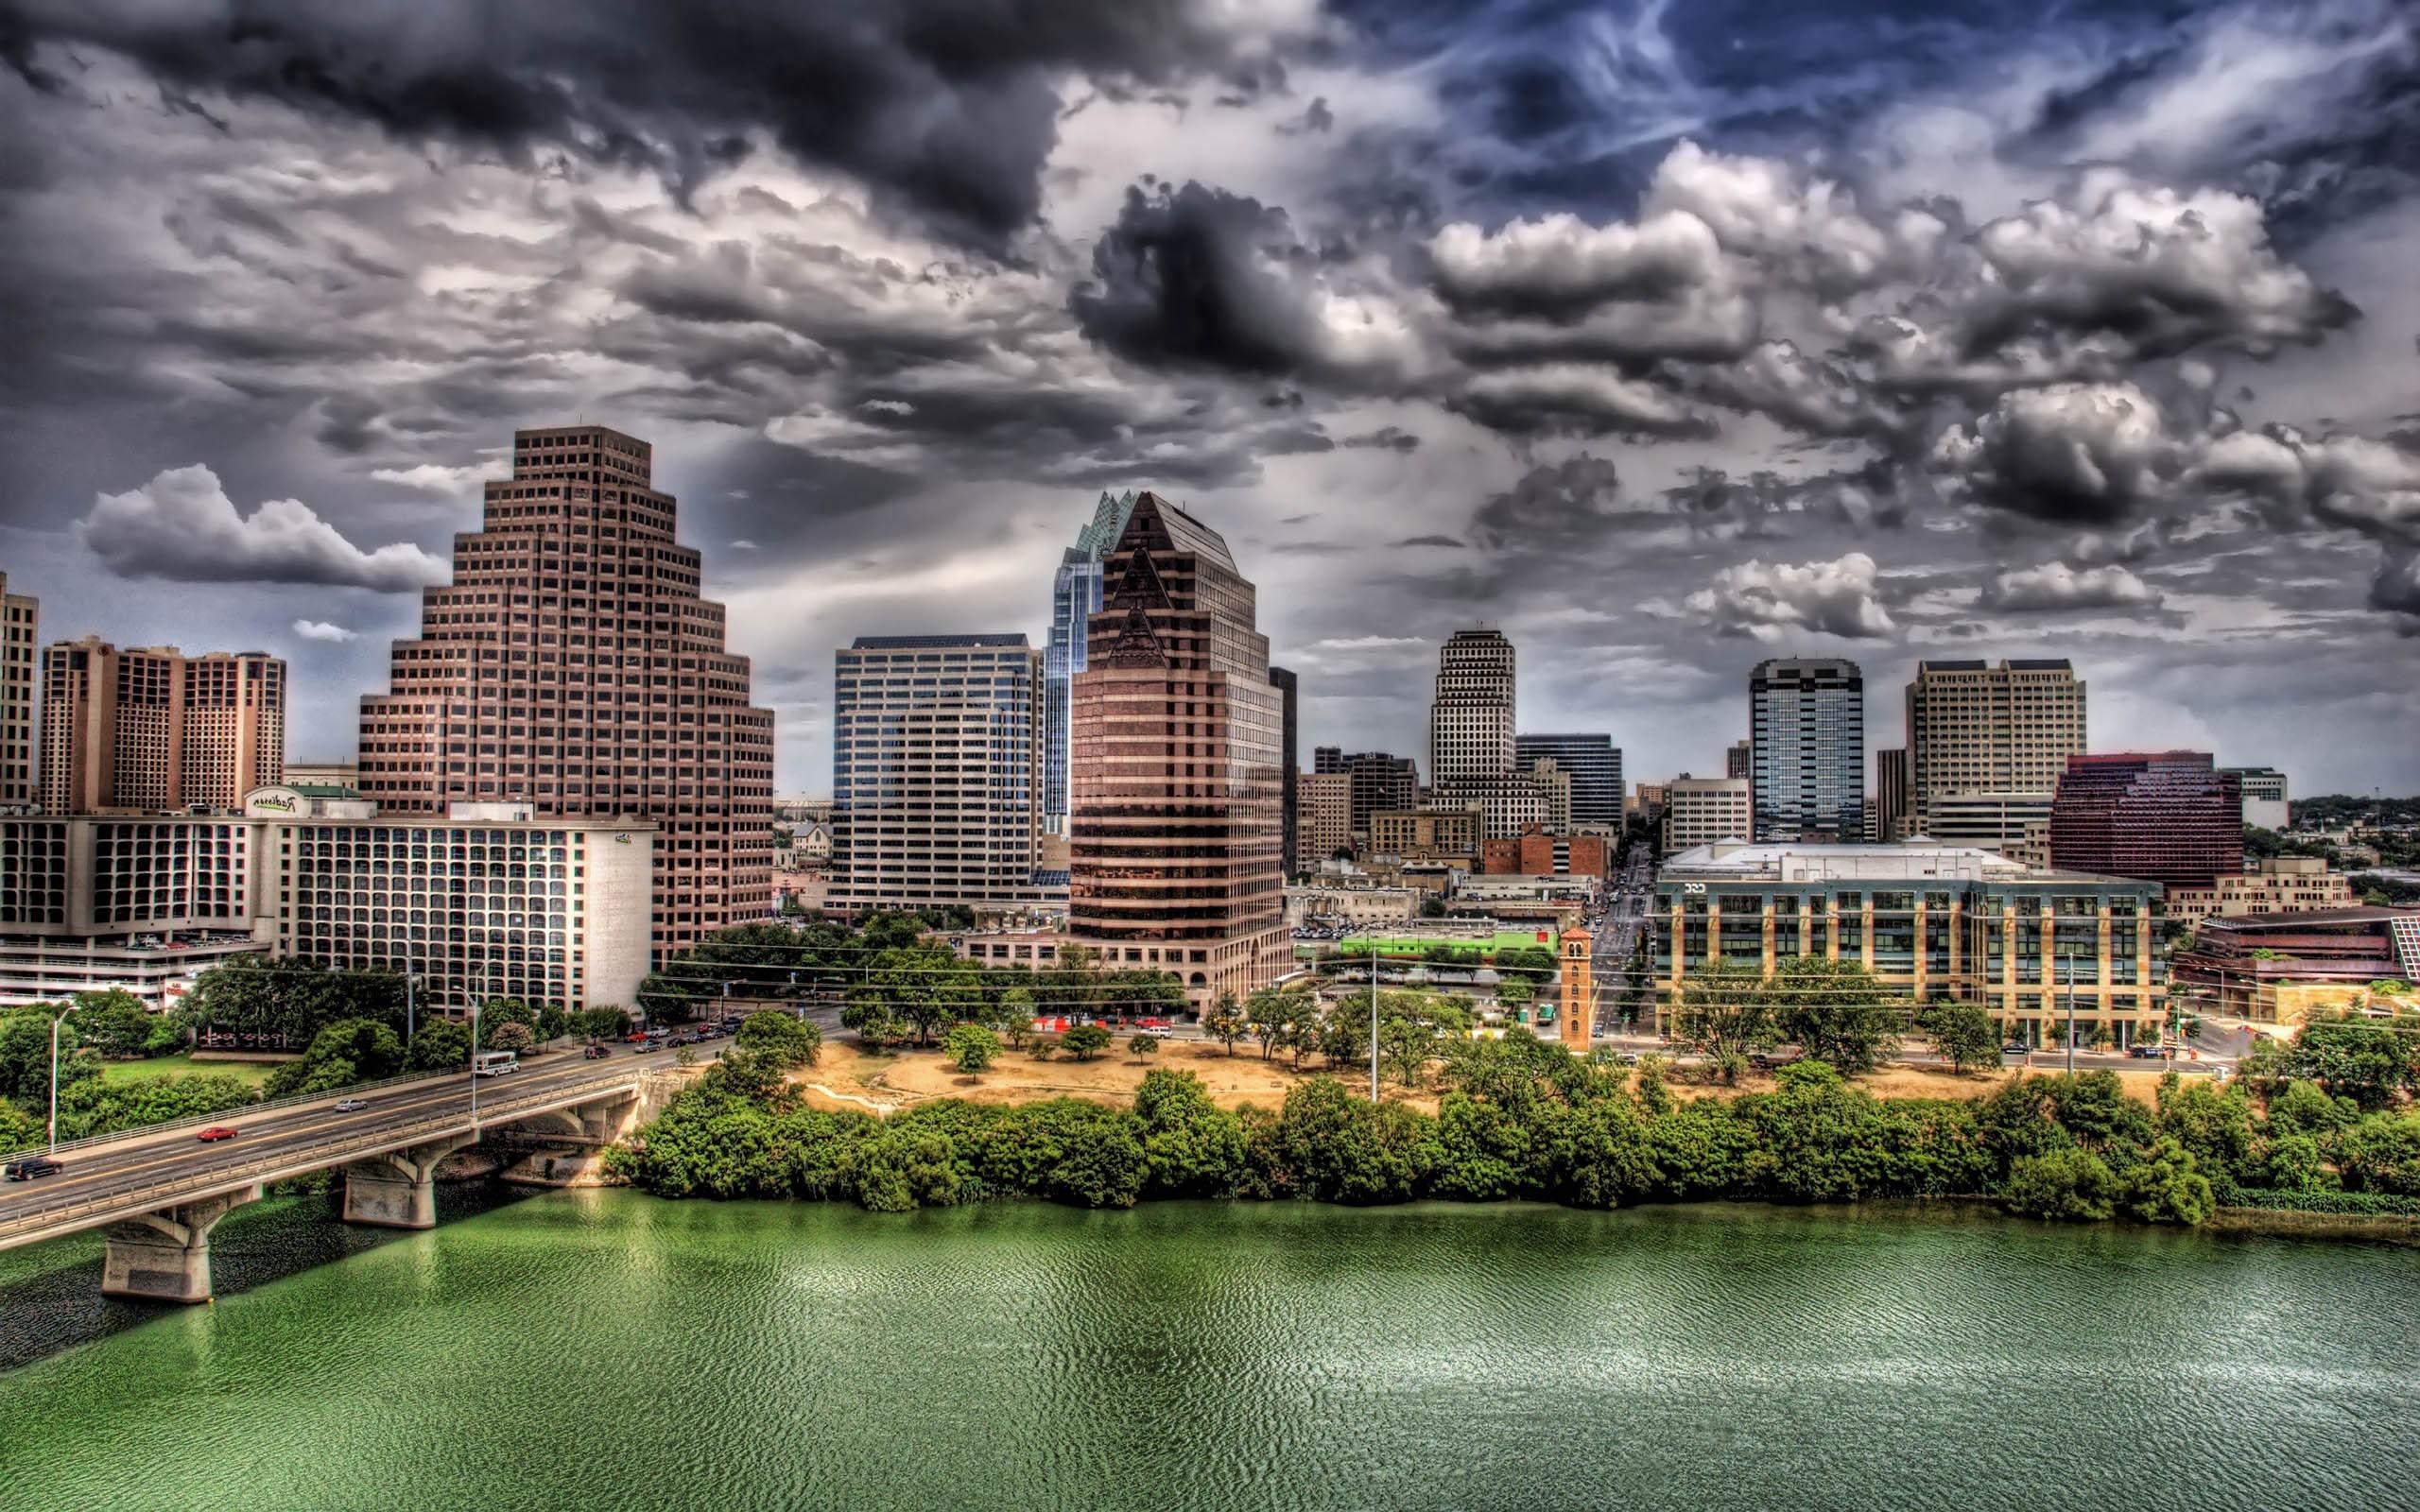 Wallpaper 2560x1600 Px Austin Texas Building Cityscape